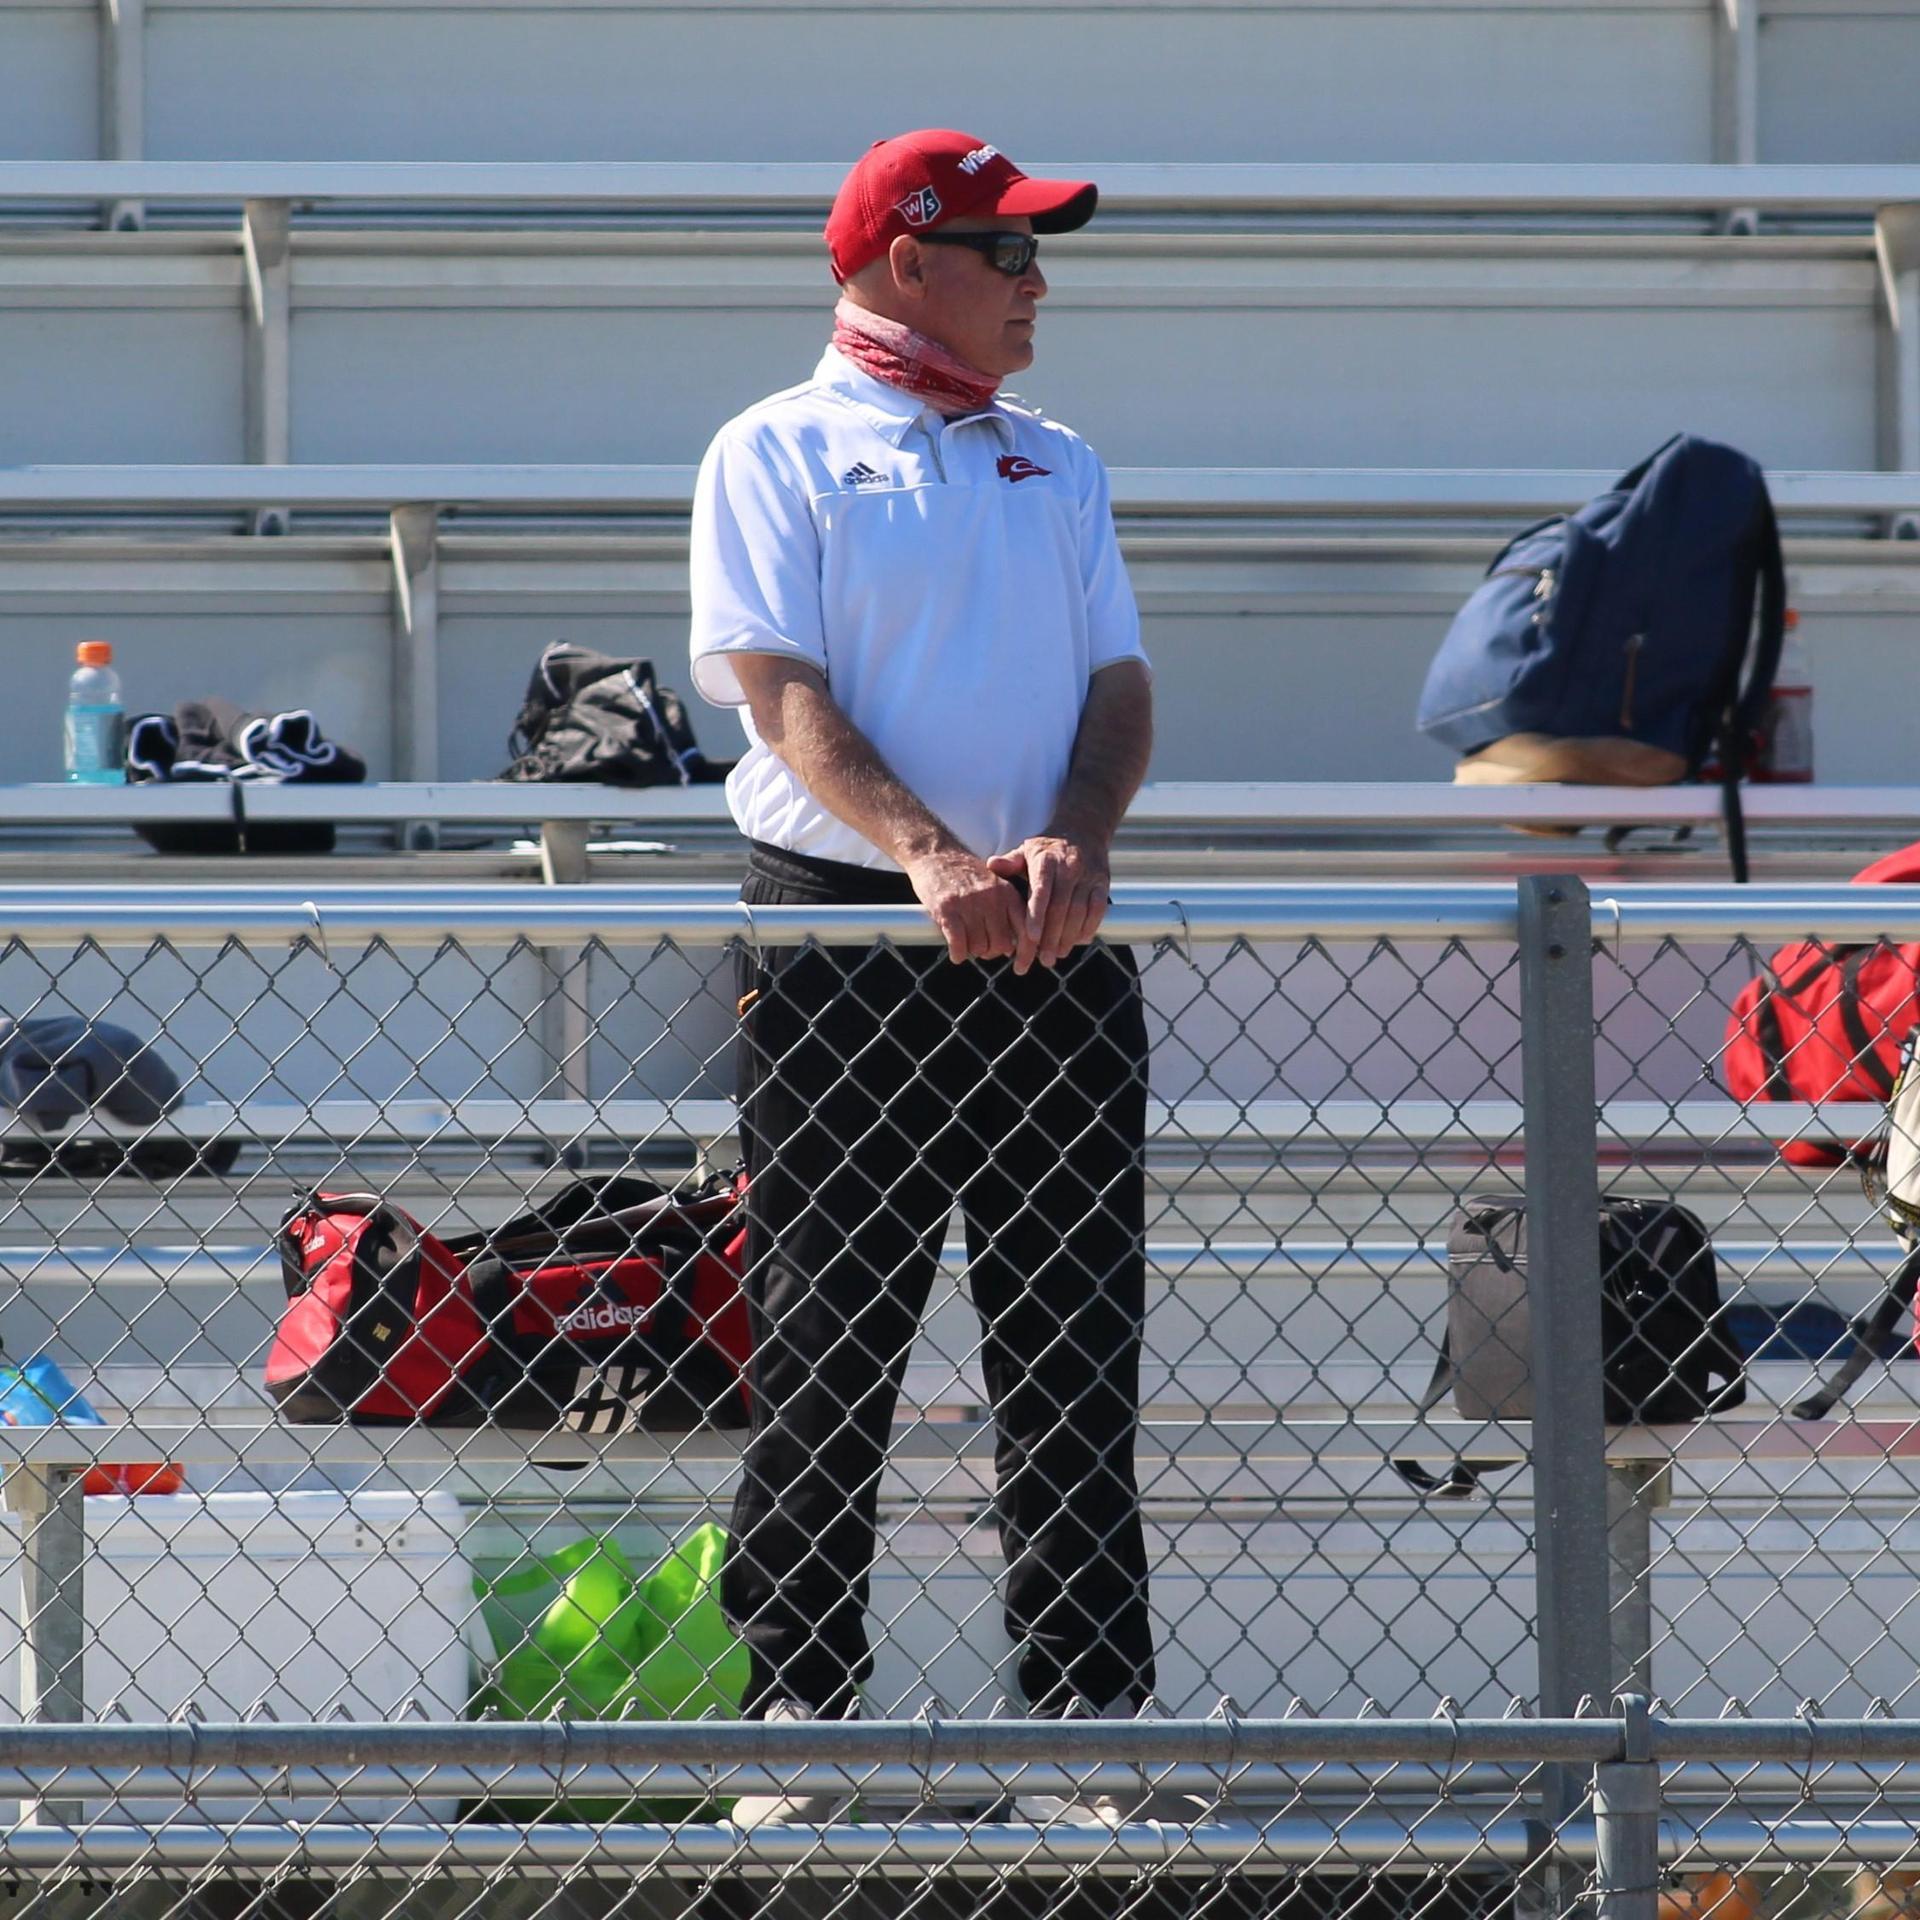 Coach Keogh